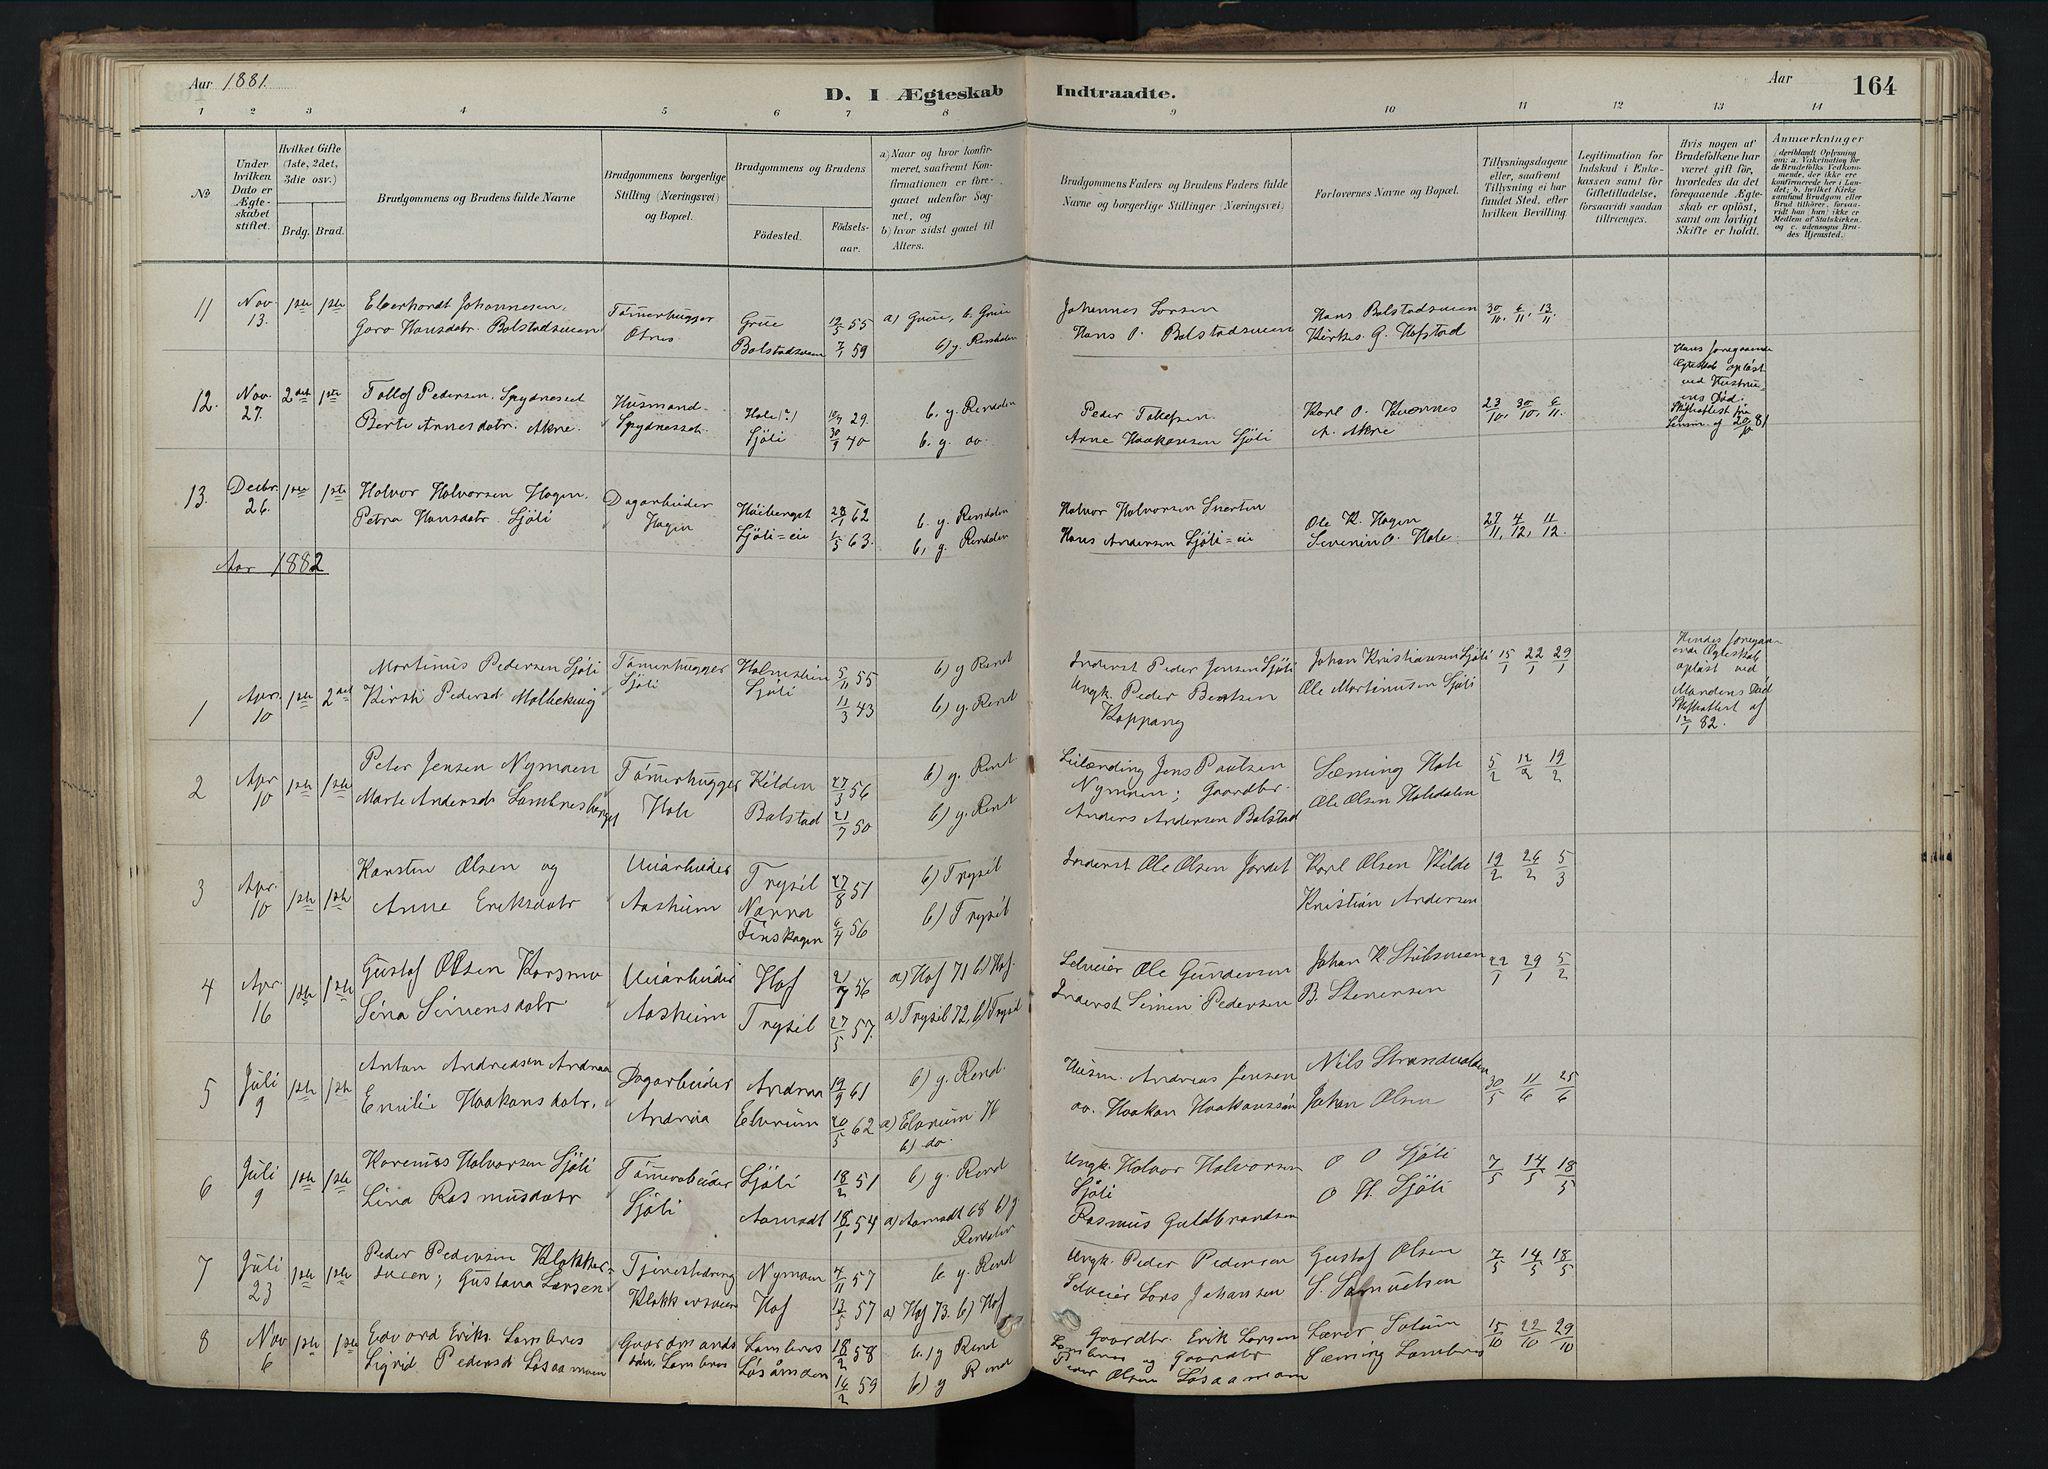 SAH, Rendalen prestekontor, H/Ha/Hab/L0009: Klokkerbok nr. 9, 1879-1902, s. 164